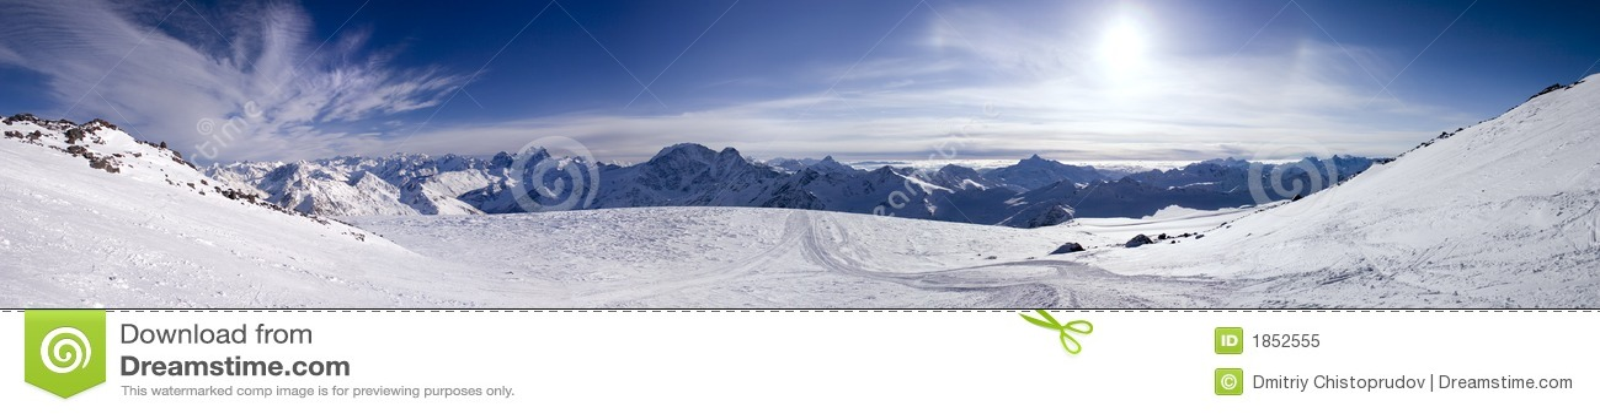 Panoramische Ansicht der Berge